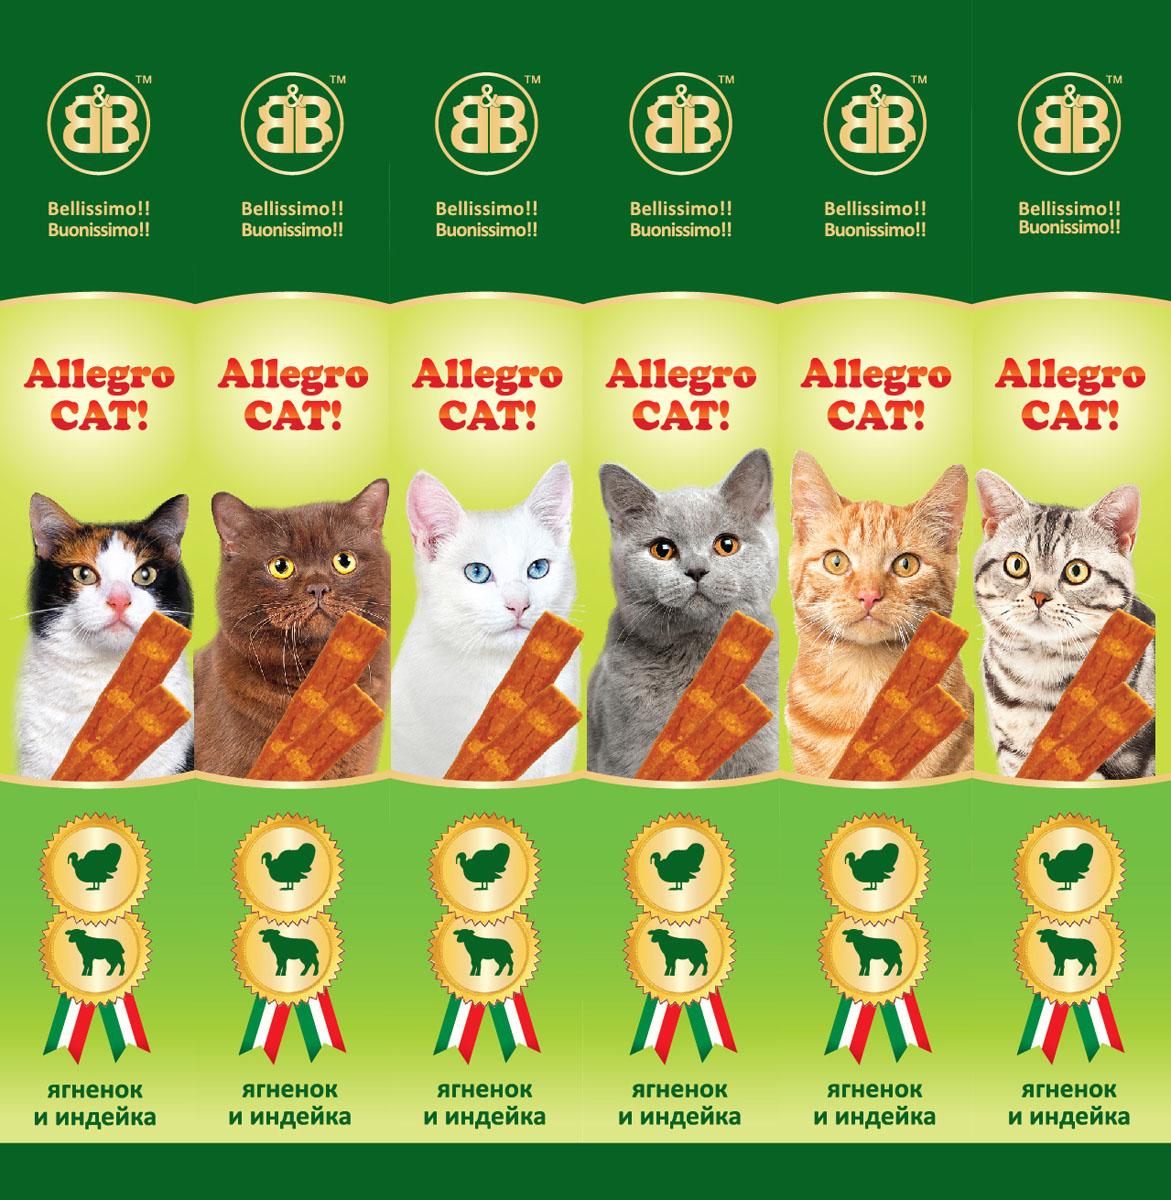 Лакомство для кошек B&B Allegro Cat, мясные колбаски из ягненка и индейки, 6х5 г0120710Колбаски мясныеB&B Allegro Cat - вкусное и полезное лакомство для кошек в возрасте от 8-ми месяцев. Специальная герметичная упаковка сохранит лакомство вкусным в течение долгого времени. Состав: мясо и продукты животного происхождения, (минимум 95%, из которых 5% ягненок, 5% индейка), минеральные соли. Питательные вещества: сырой протеин-33,5%, жиры -20%, сырая зола -9%, сырая клетчатка -2%, влажность -28%.Добавки: антиоксиданты, консерванты. Количество колбасок в упаковке: 6 шт. Вес одной колбаски: 5 г. Товар сертифицирован.